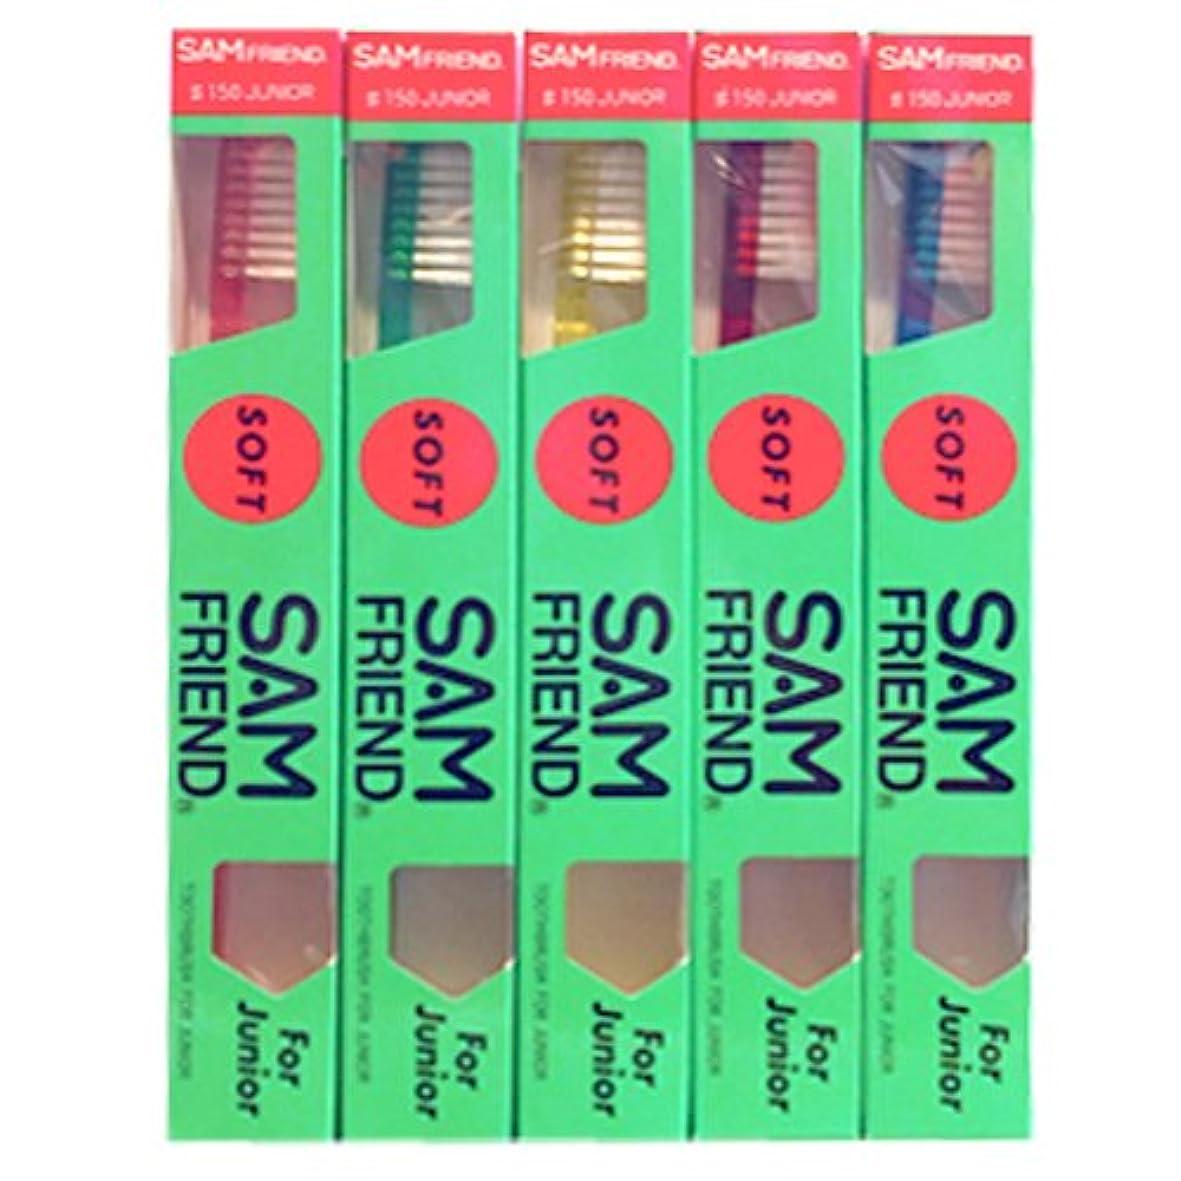 下着魅力次サムフレンド サムフレンド 歯ブラシ #150ジュニア 5色セット 6~12才用 歯並びが複雑で汚れやすい小さな口 ソフト